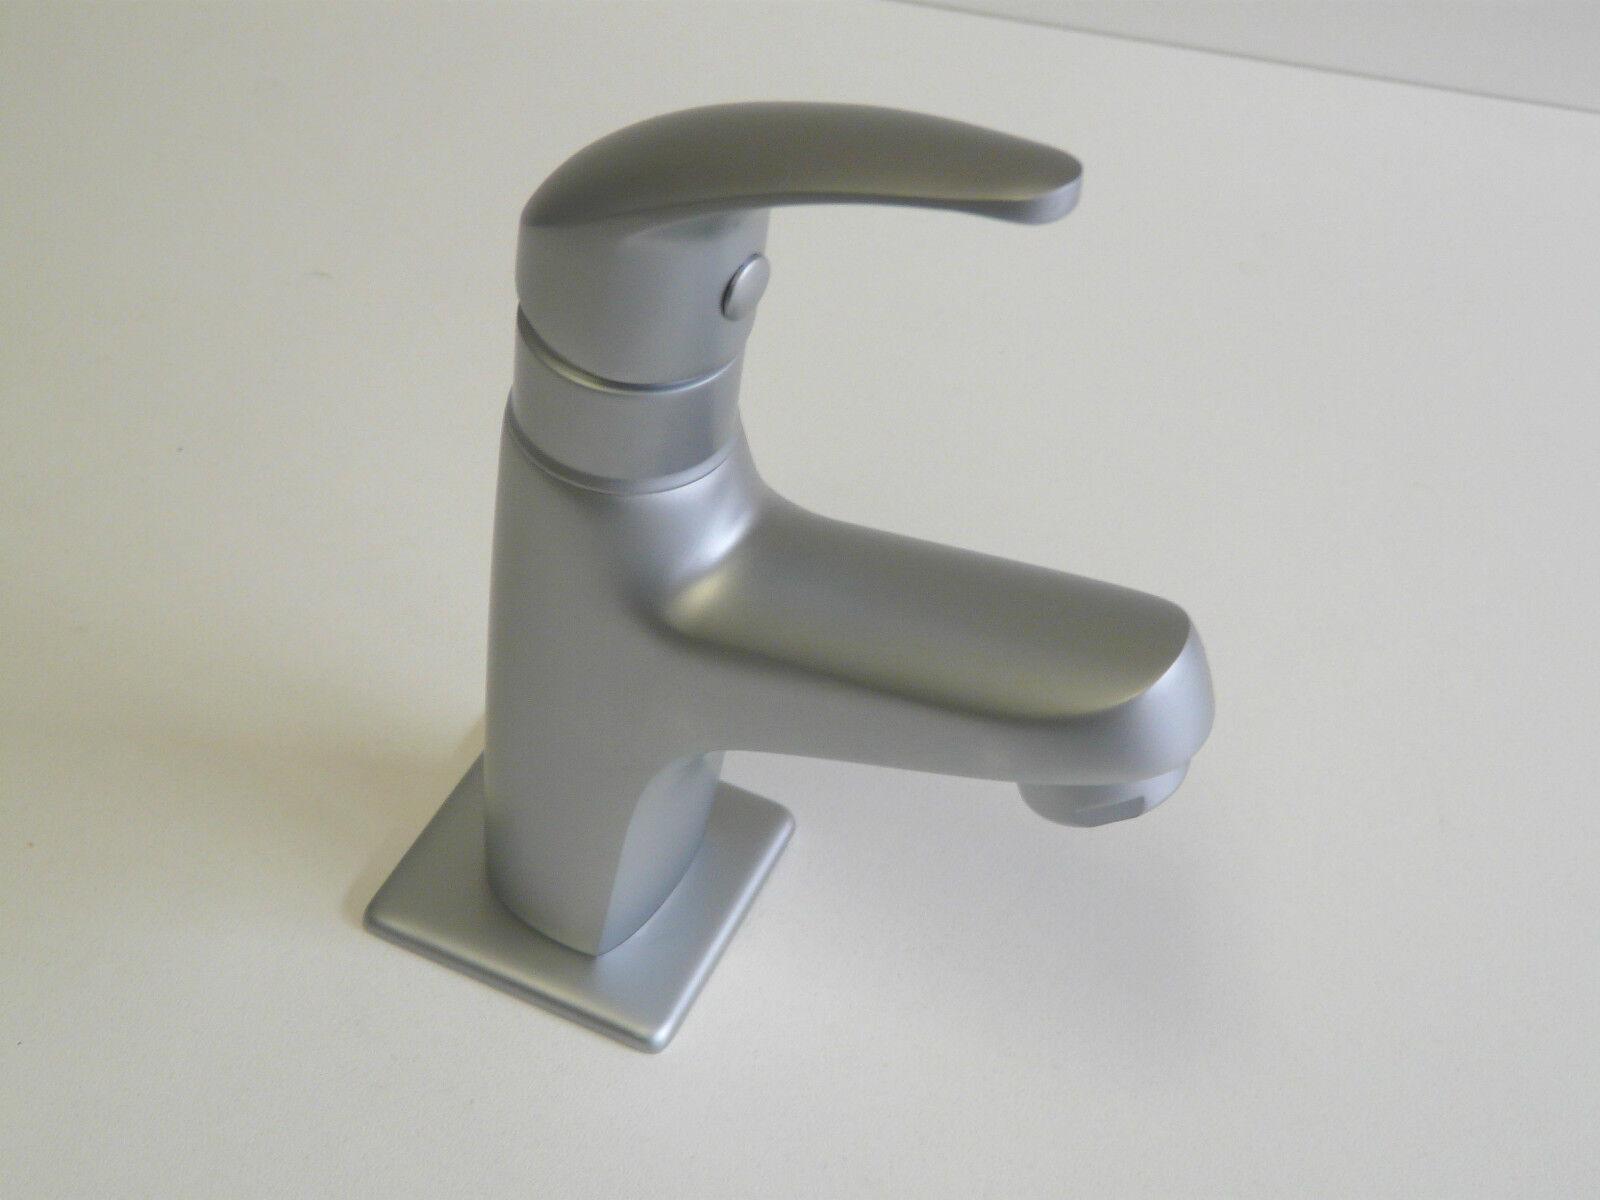 Kaltwasserarmatur Chrom-Matt, Standventil, Waschtischarmatur, VICO